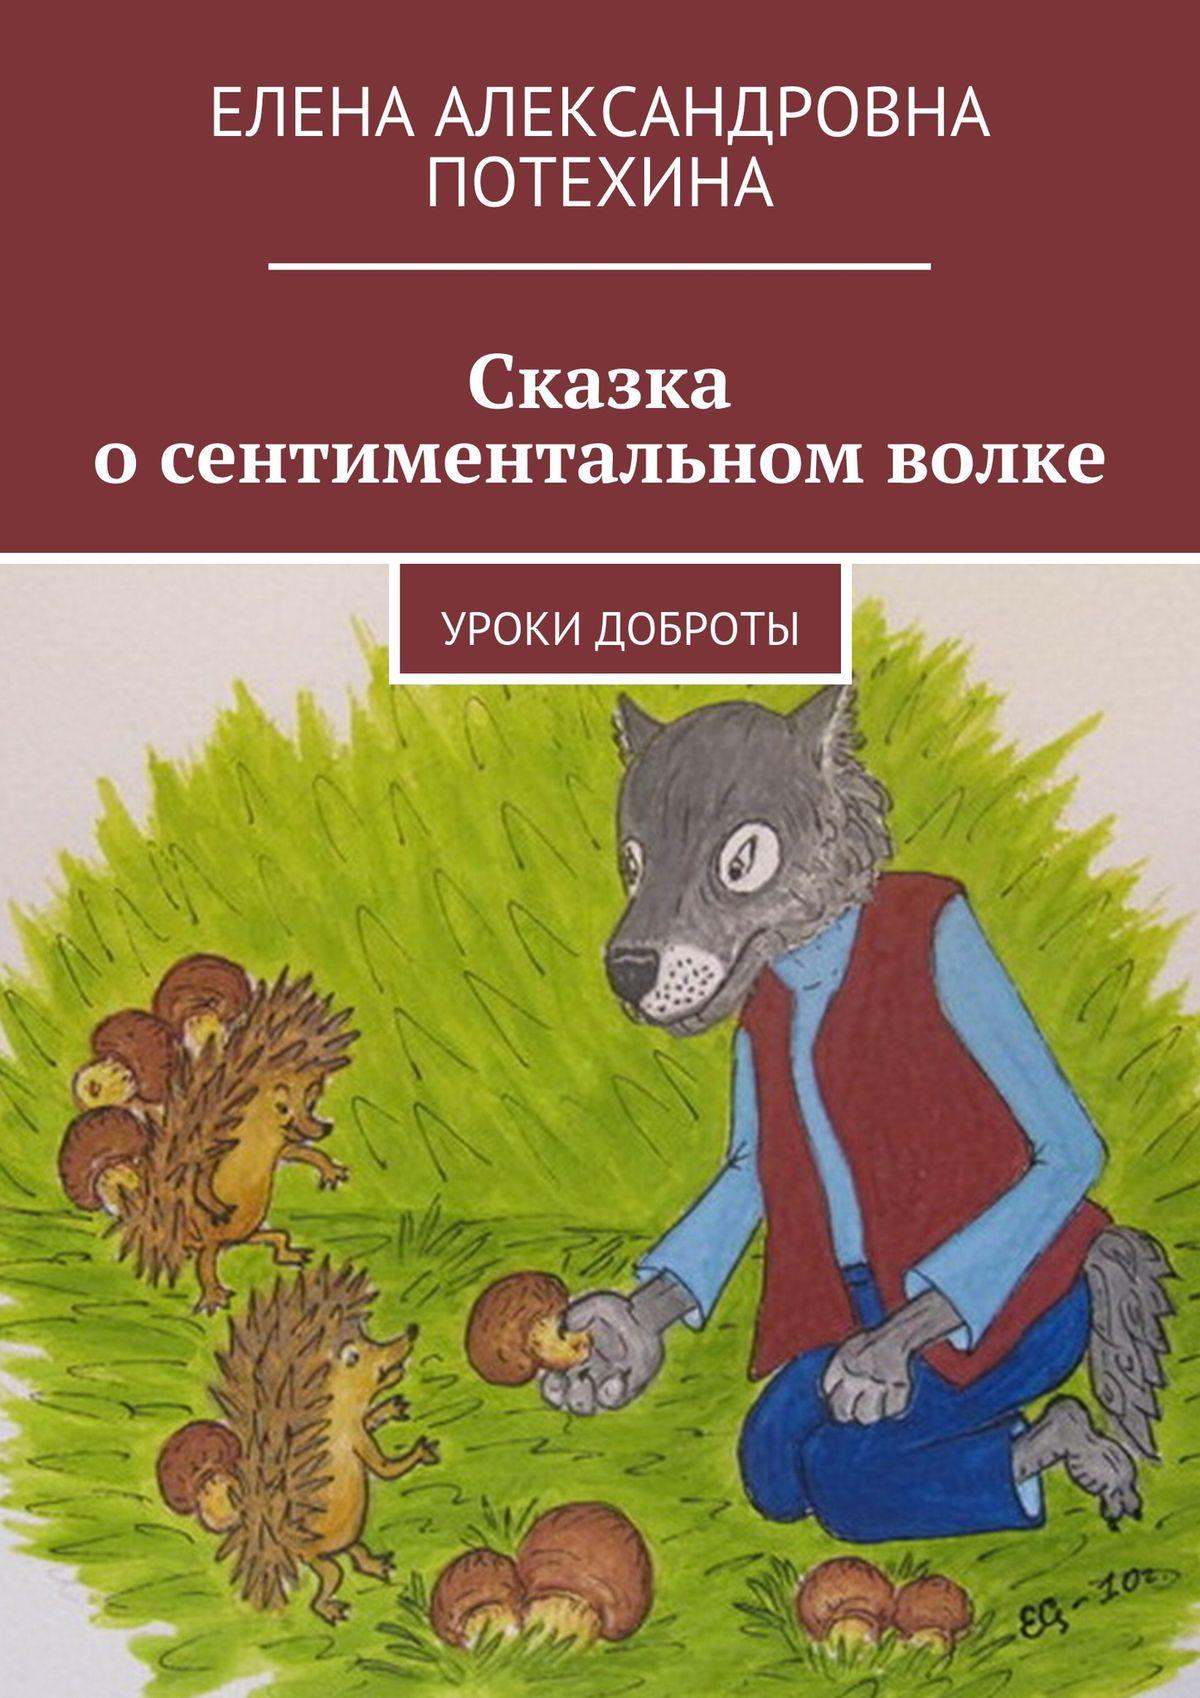 Елена Александровна Потехина Сказка осентиментальном волке. Уроки доброты сказка о лисичке сестричке и волке горе